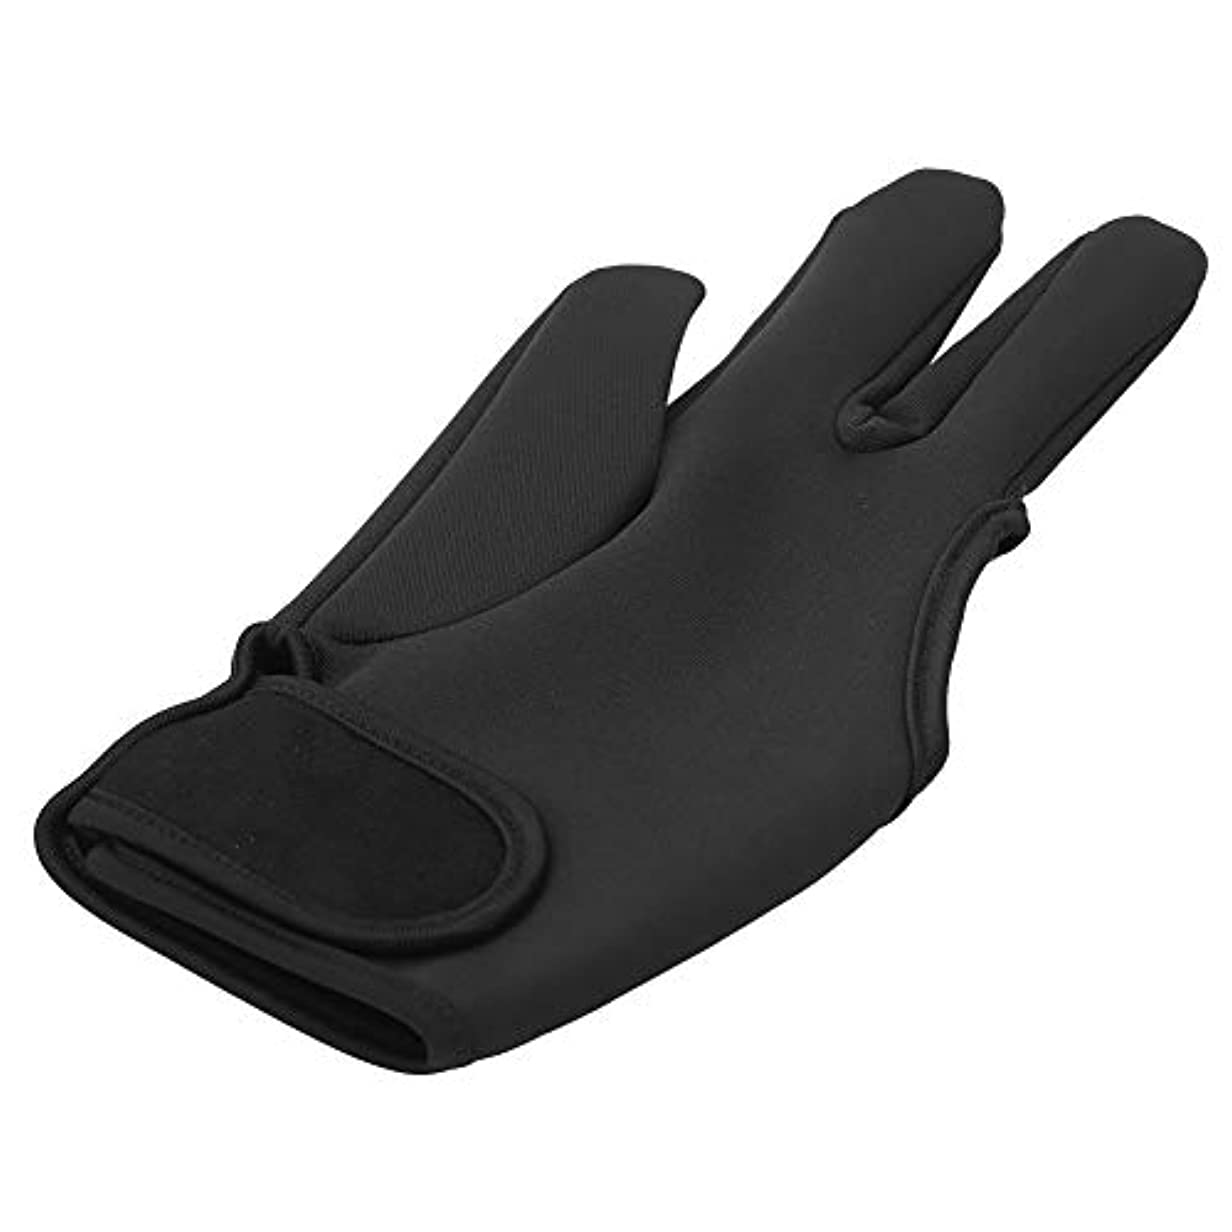 飛躍はず小石理髪手袋、理髪を行うときに手をやけどするのを防ぐためのプロの耐熱プルーフグローブ、美容院に最適